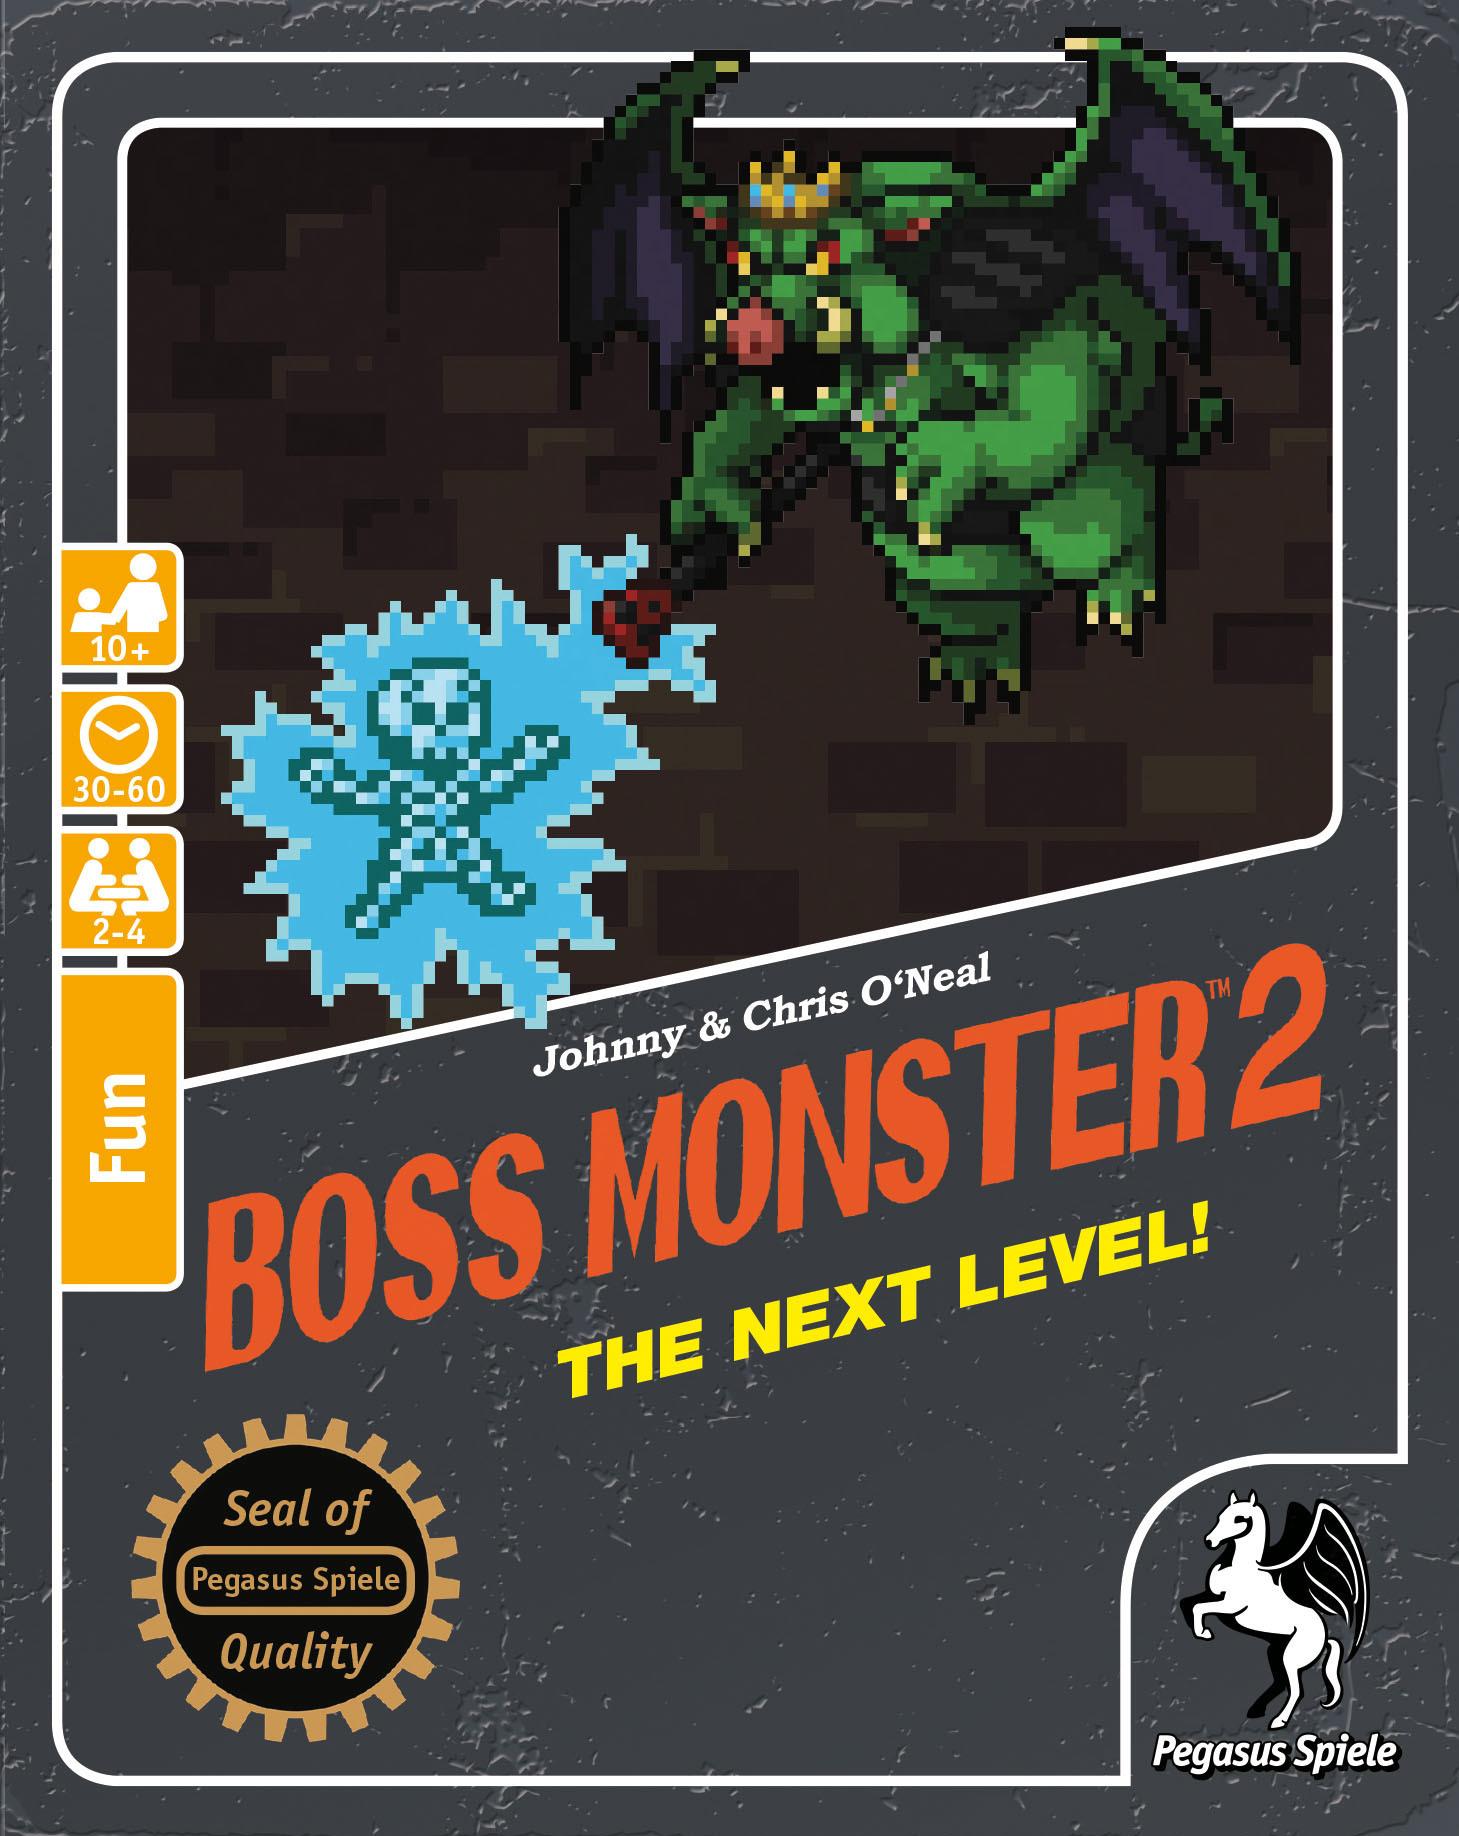 Boss Monster 2 - Kartenspiel - Pegasus Spiele 4250231711374